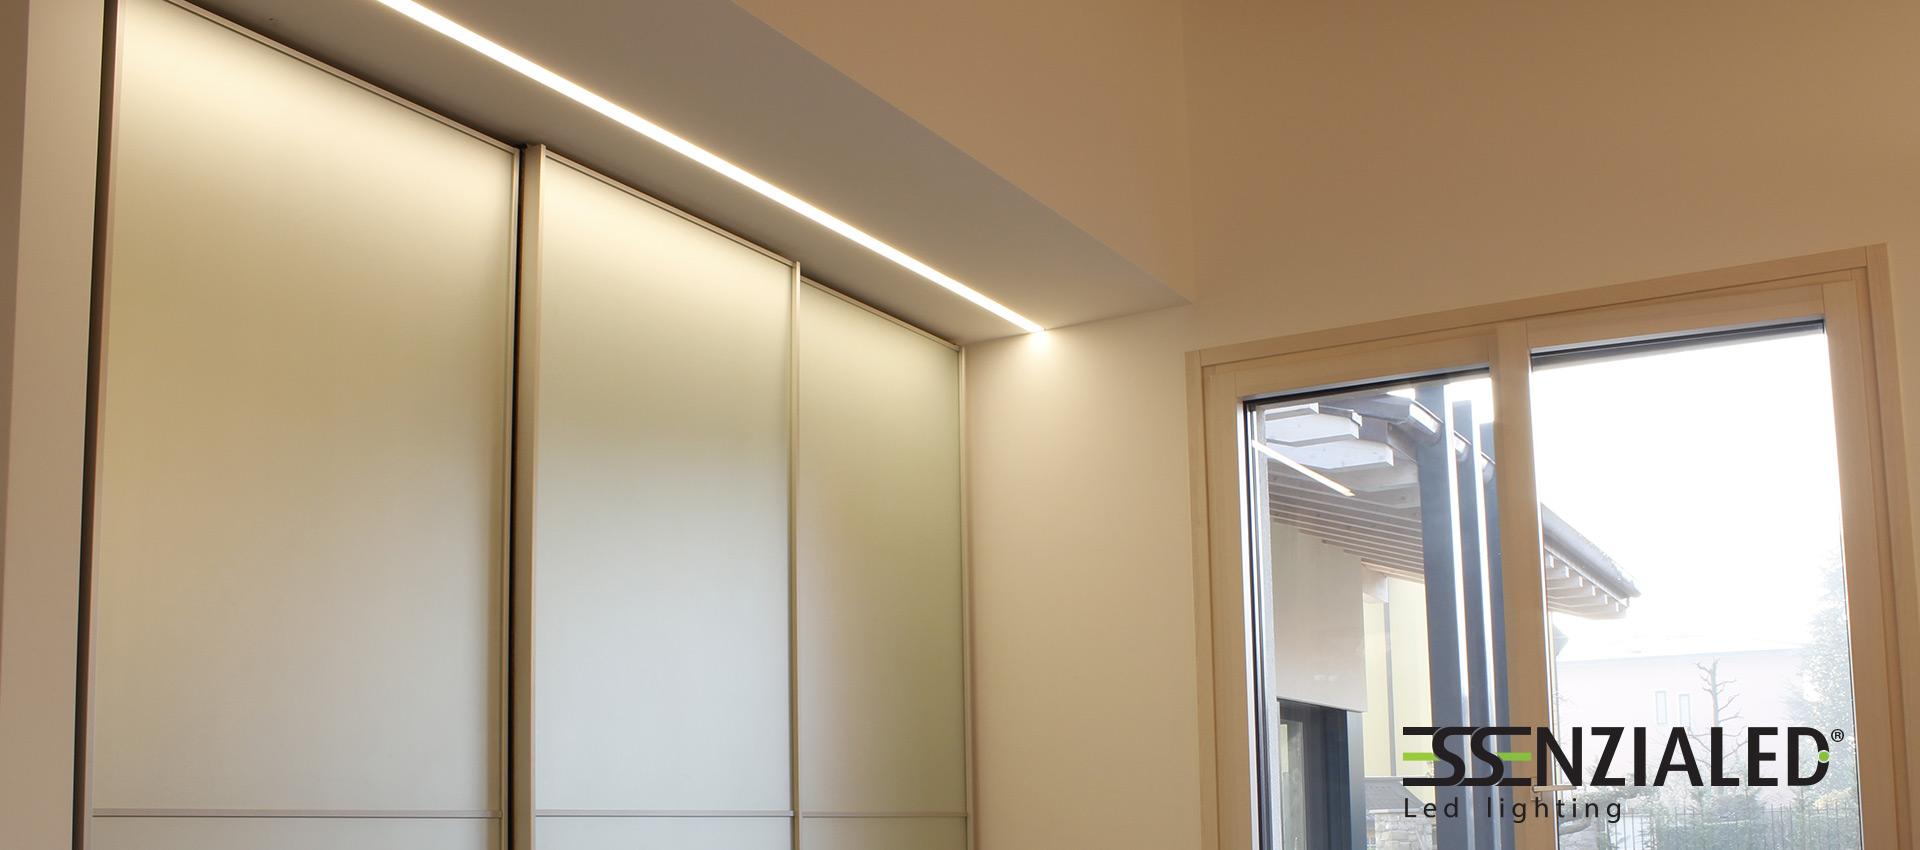 GHOST - lampada lineare trimlessEssenzialed – Illuminazione a led